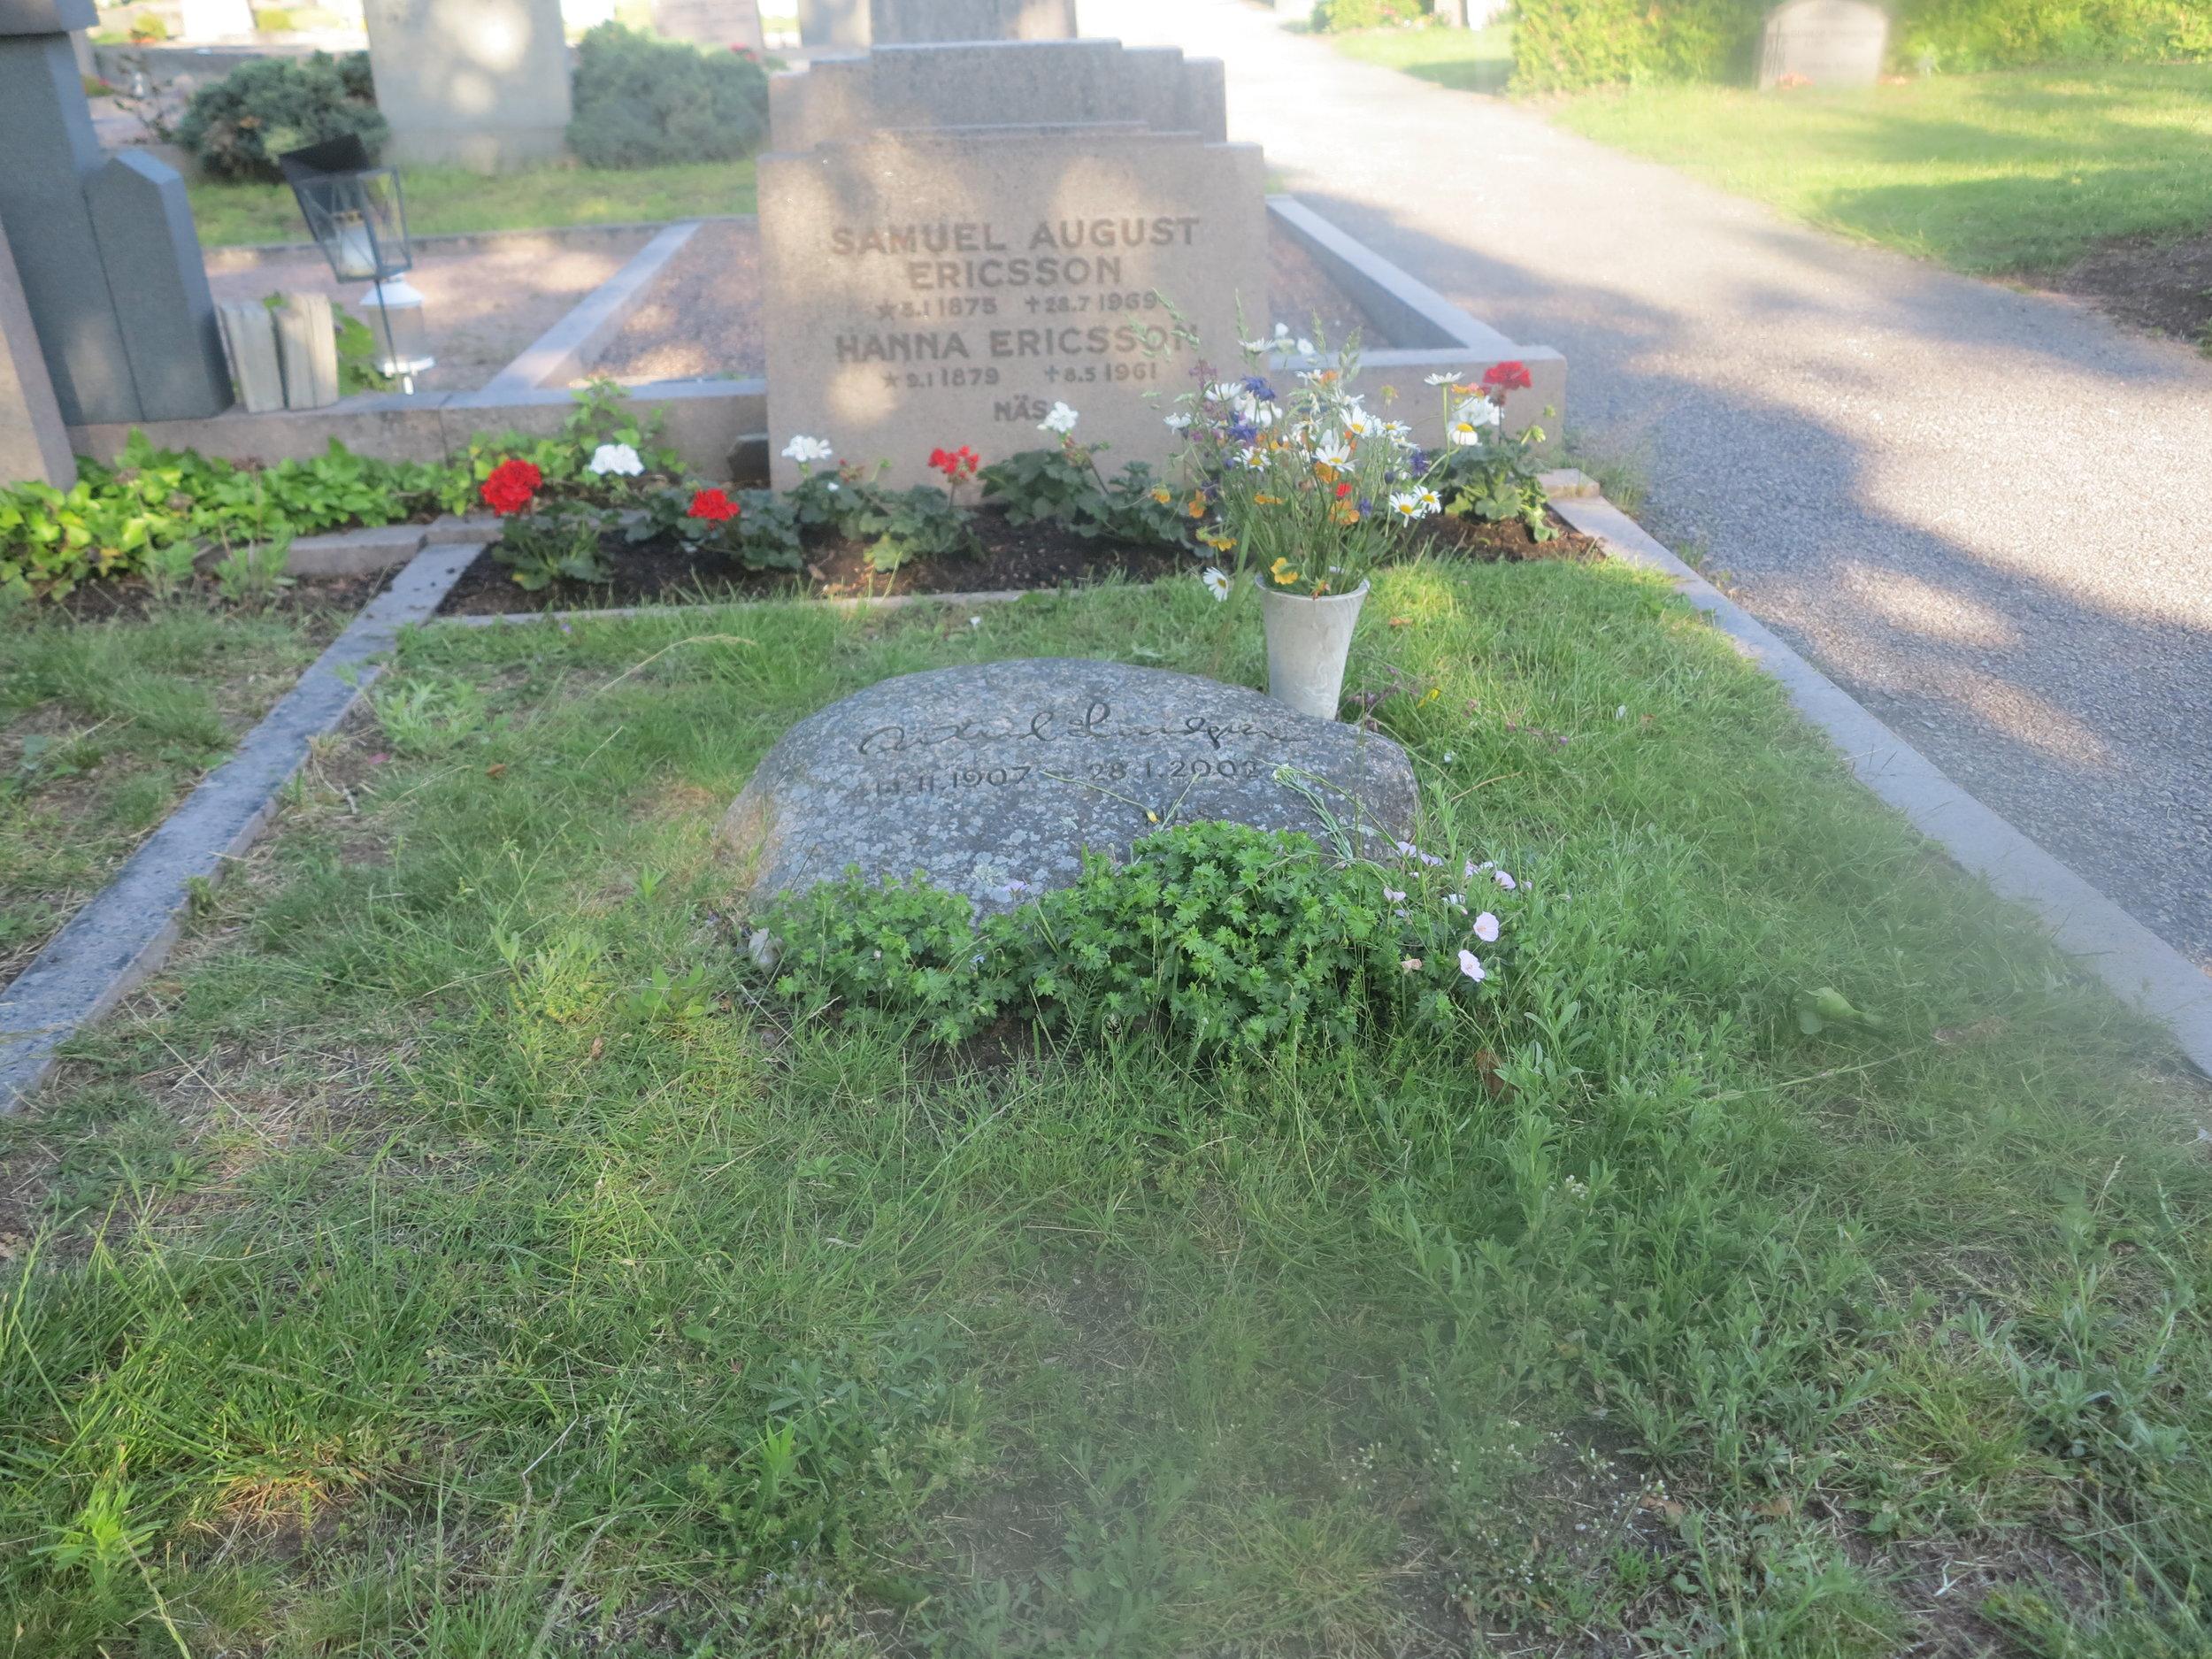 Astrid Lindgrens Grab auf dem Friedhof von Vimmerby